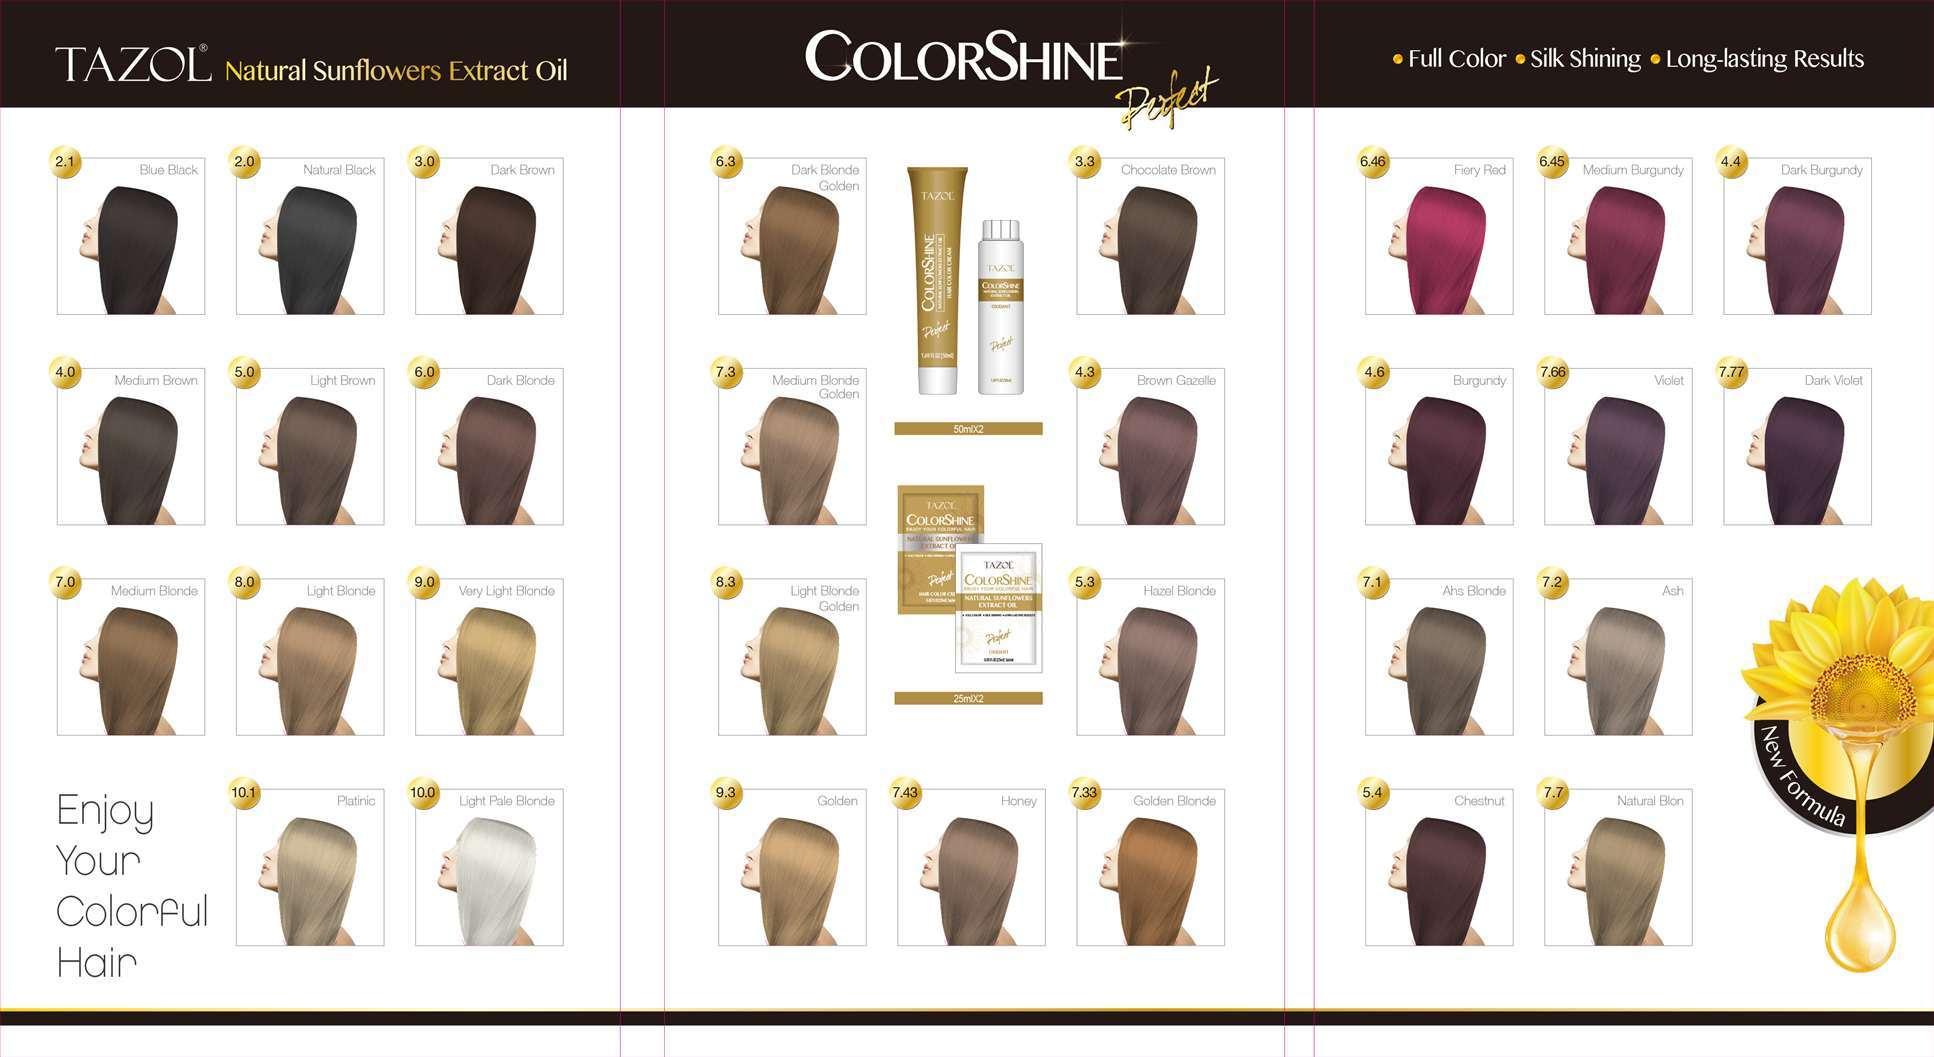 China Tazol Hair Care Colorshine Hair Dye Burgundy 50ml50ml